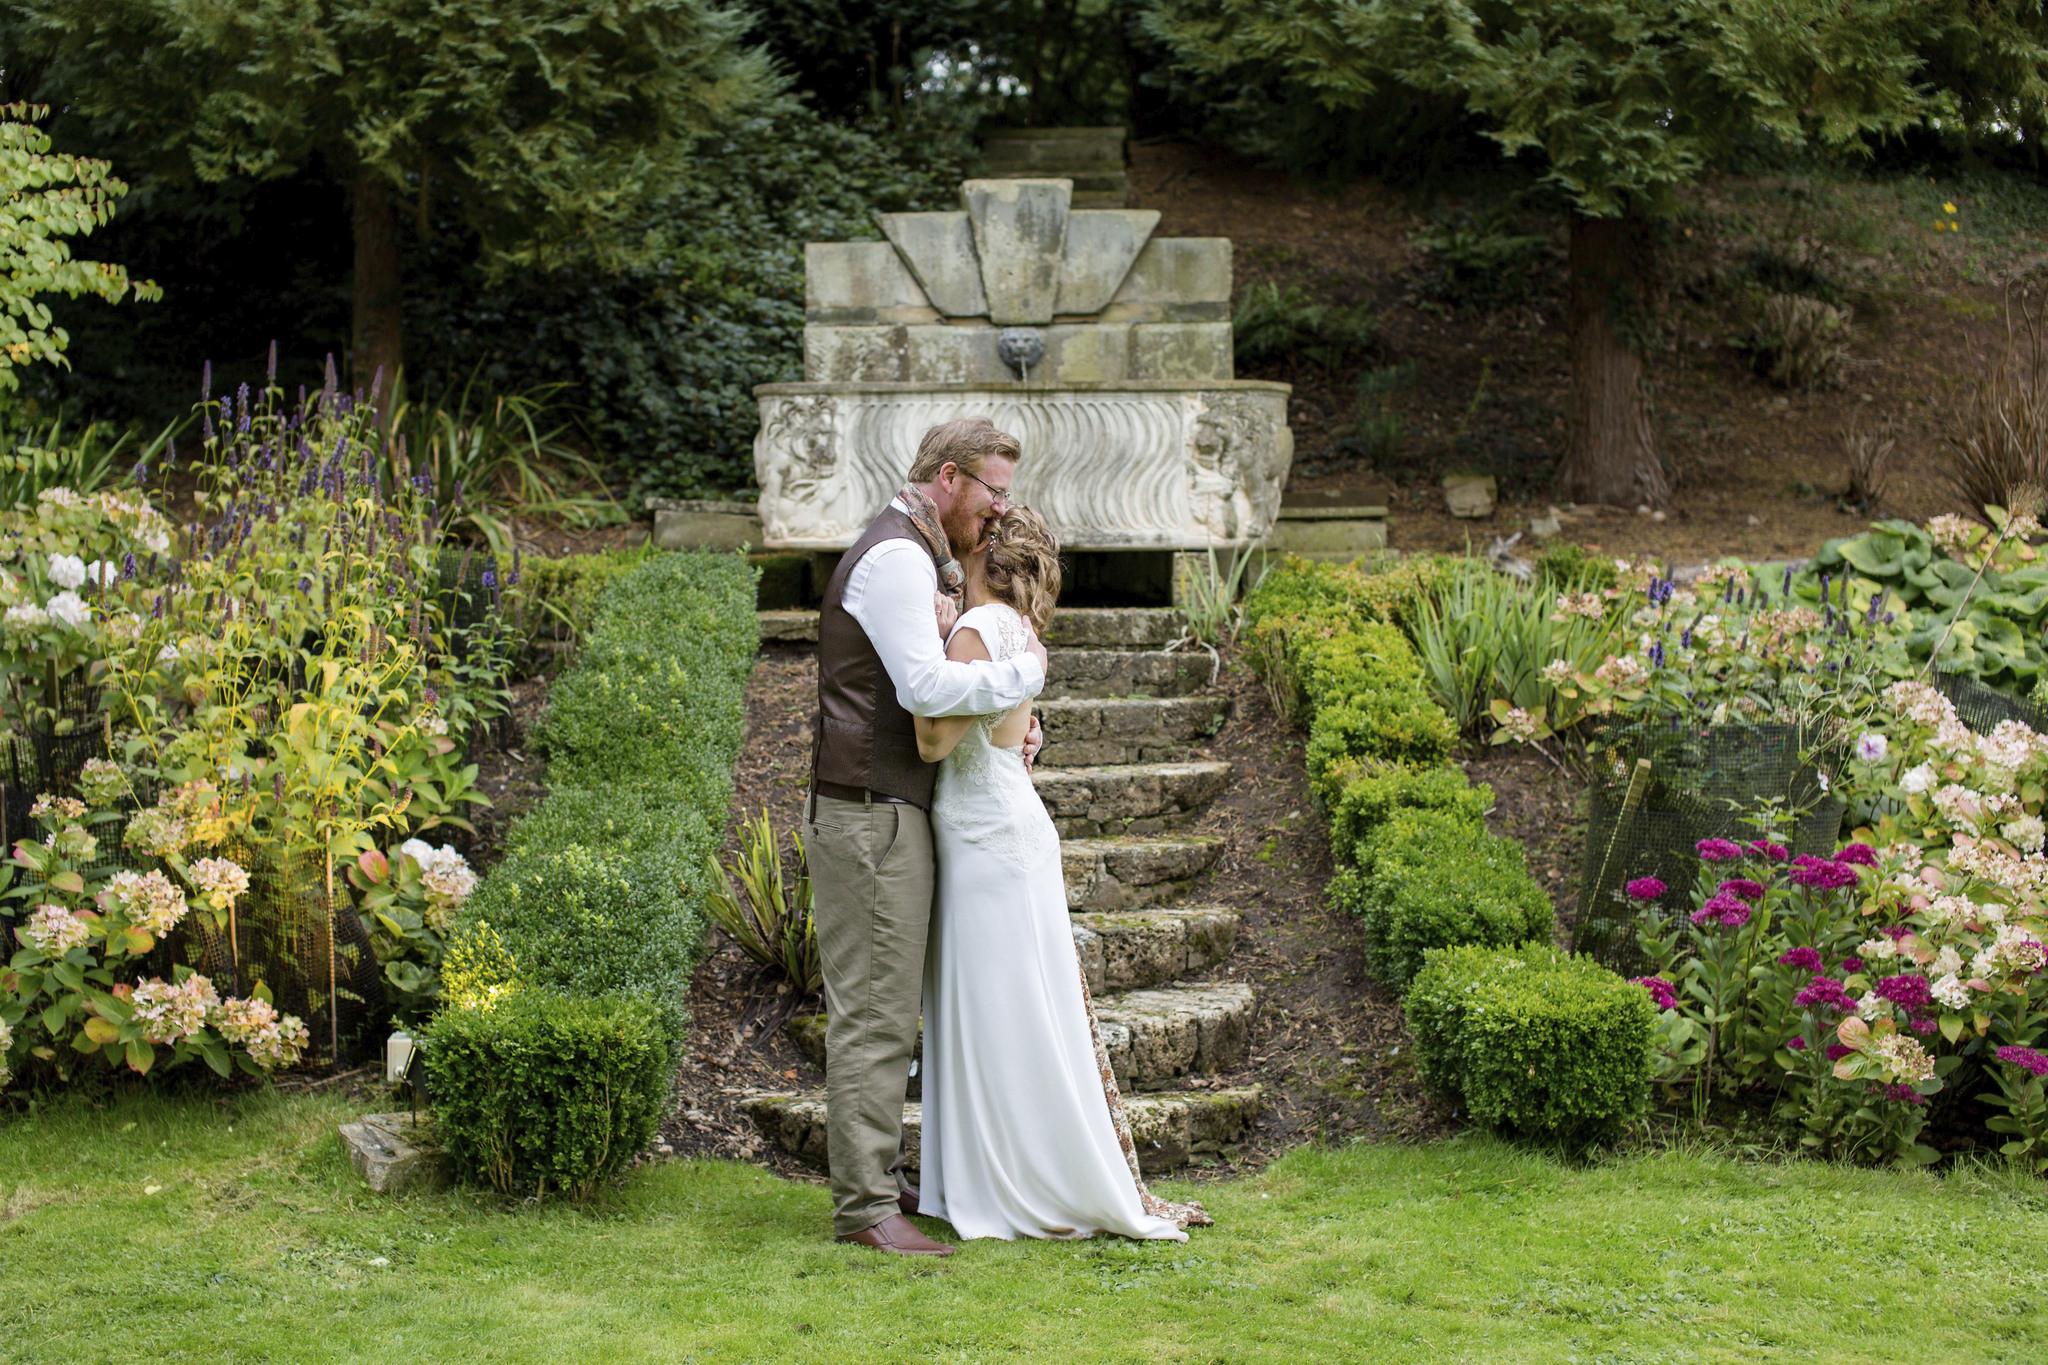 aldby bride and groom.jpg